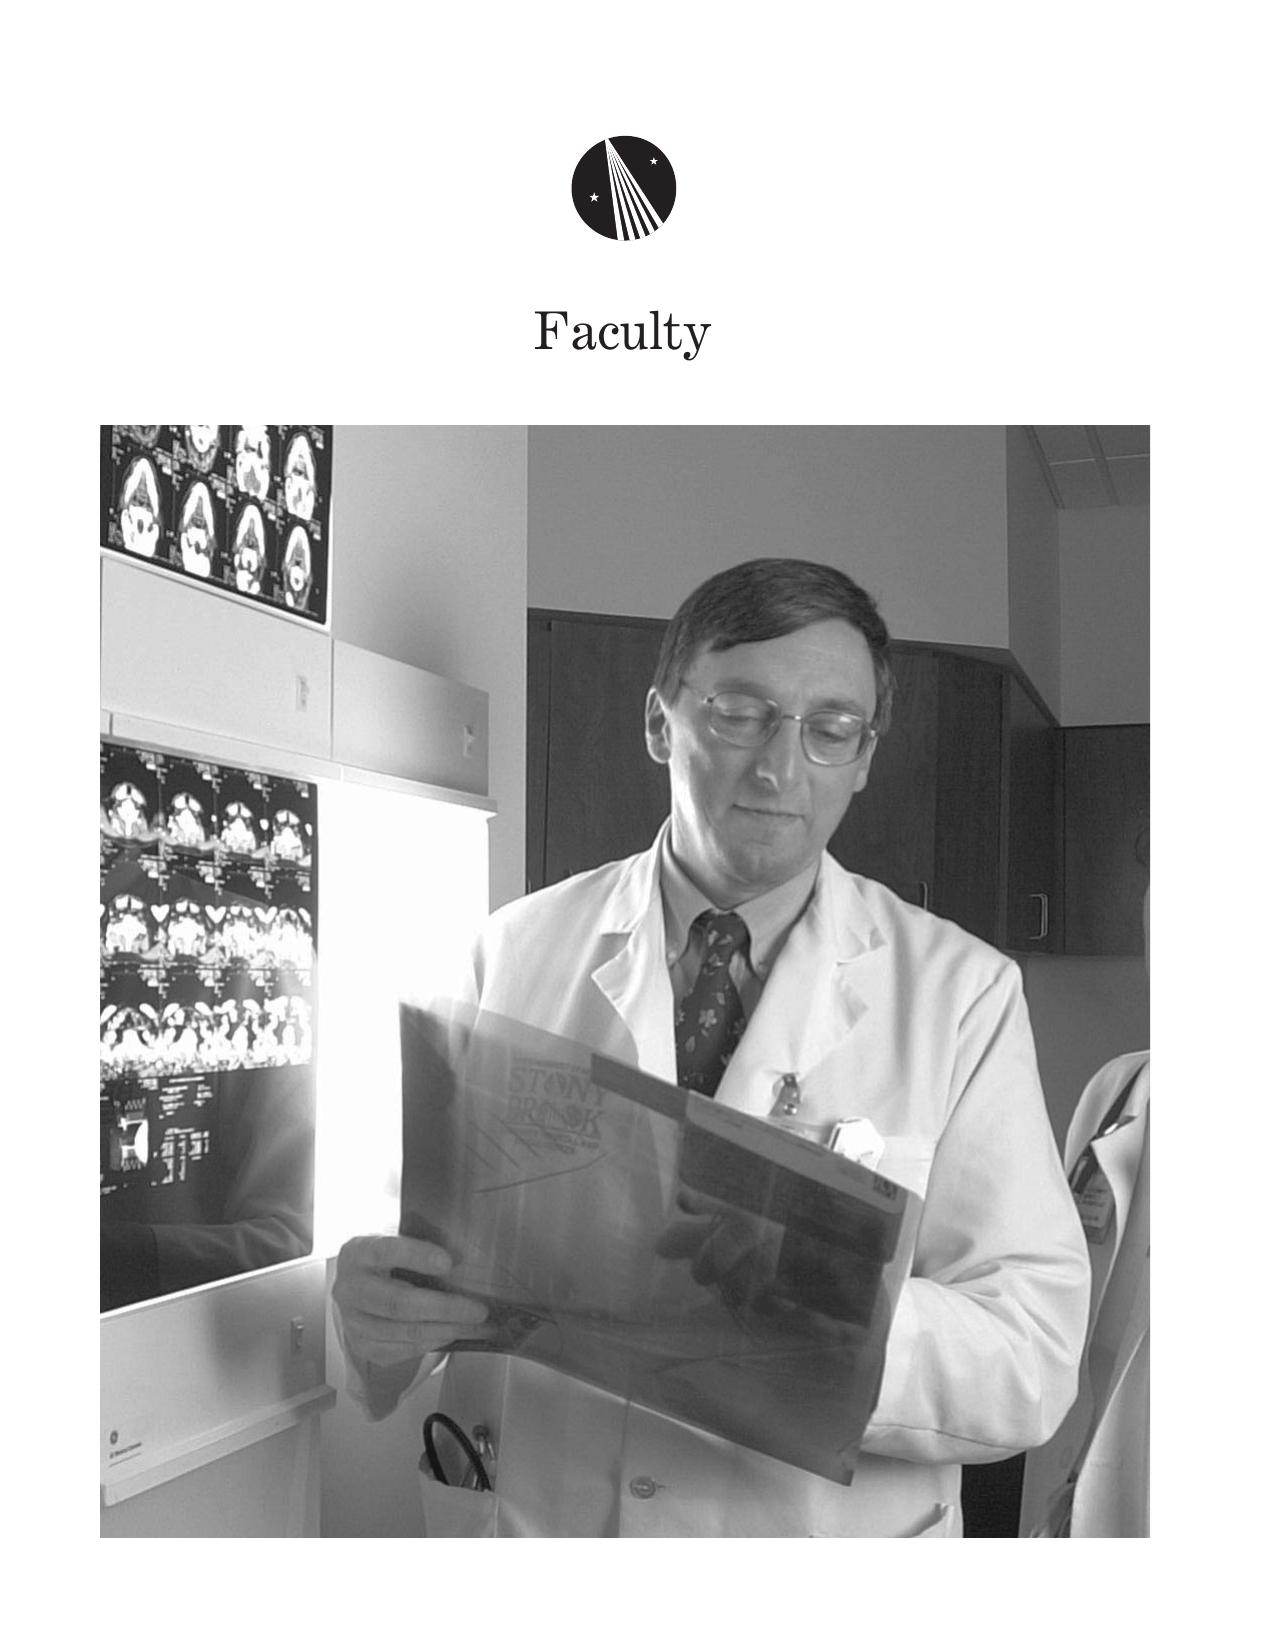 Faculty - Stony Brook University